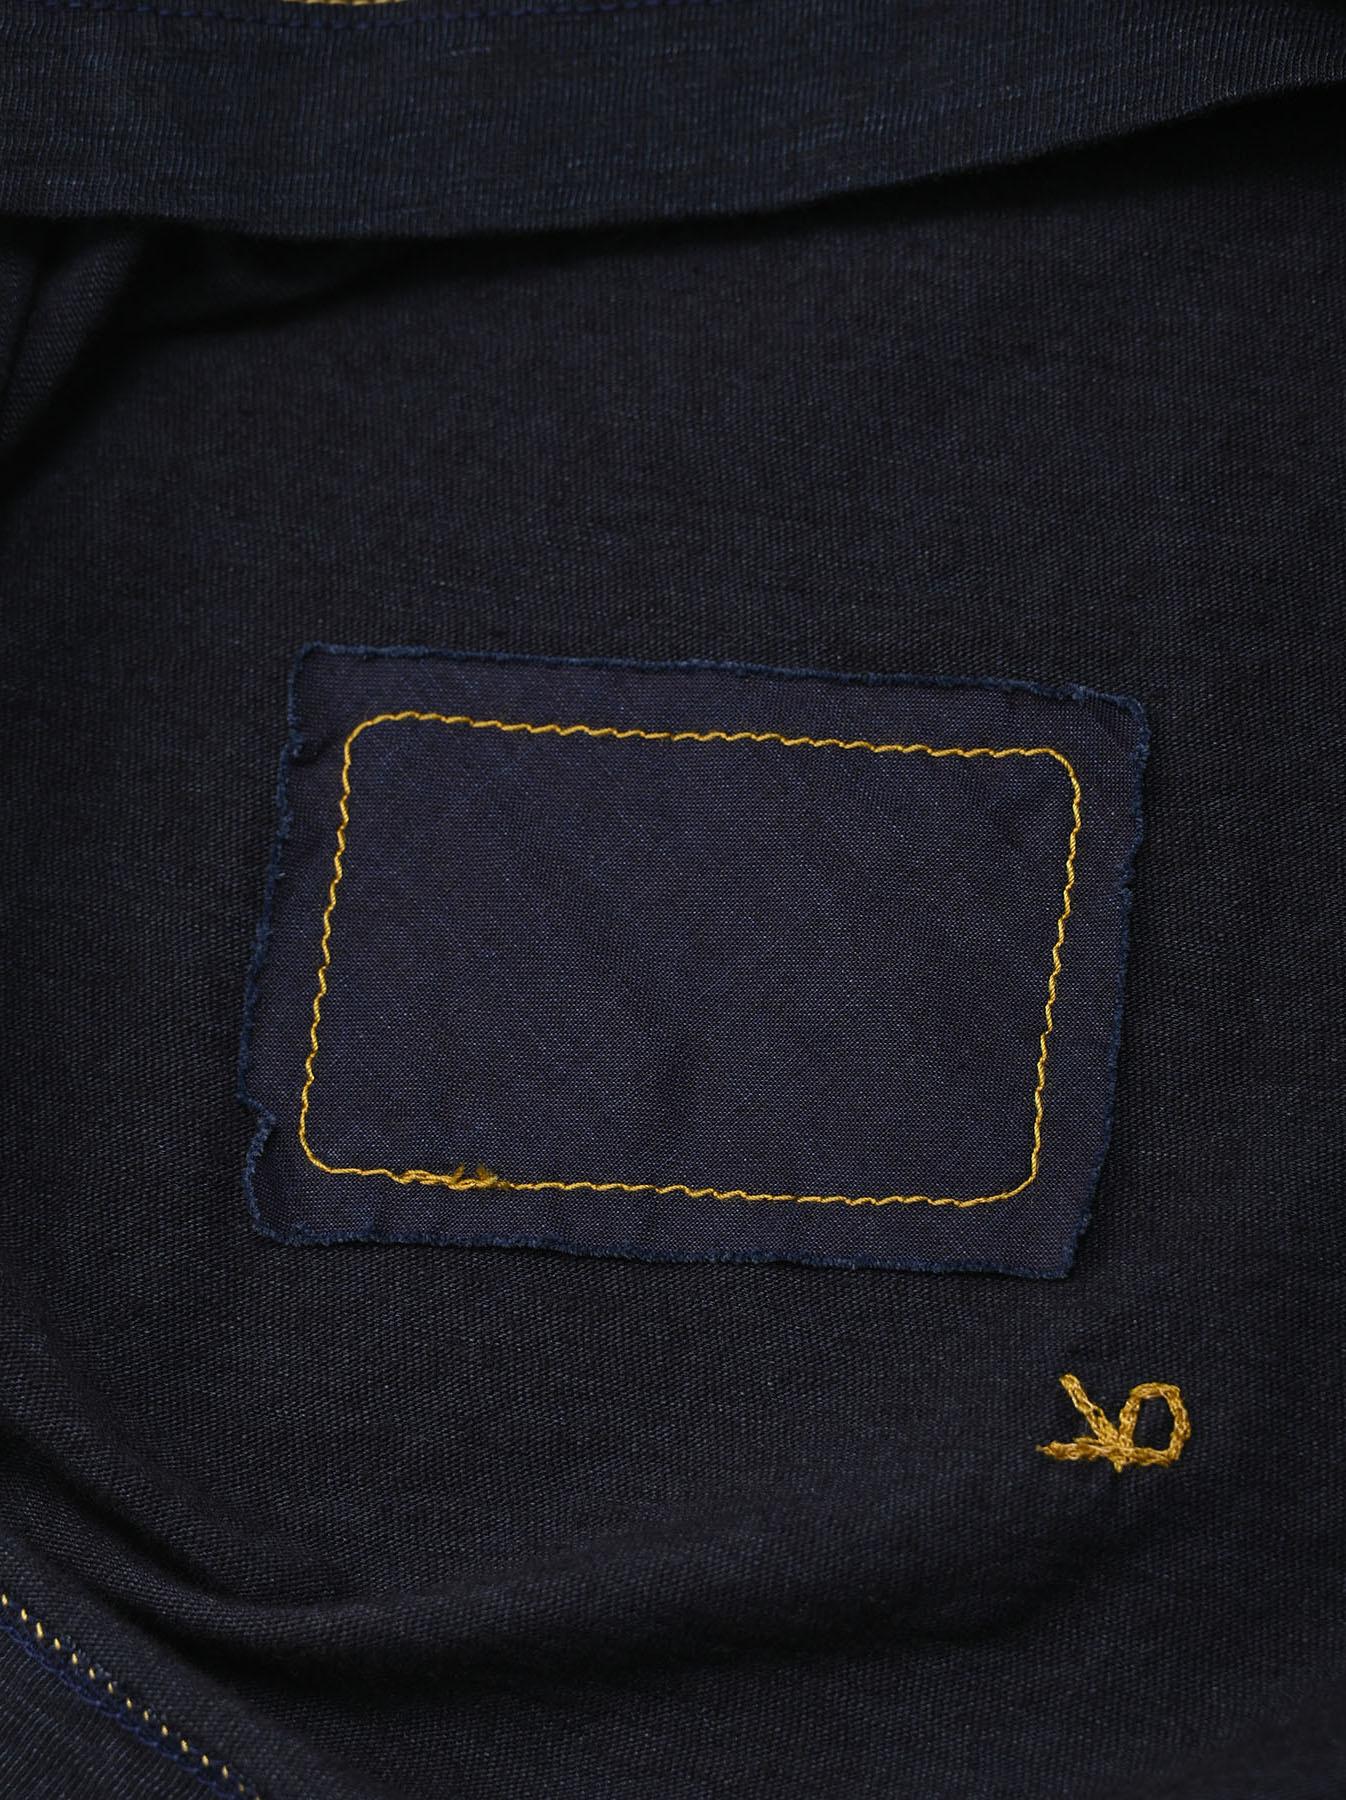 Indigo Sumite de Whale T-shirt-11